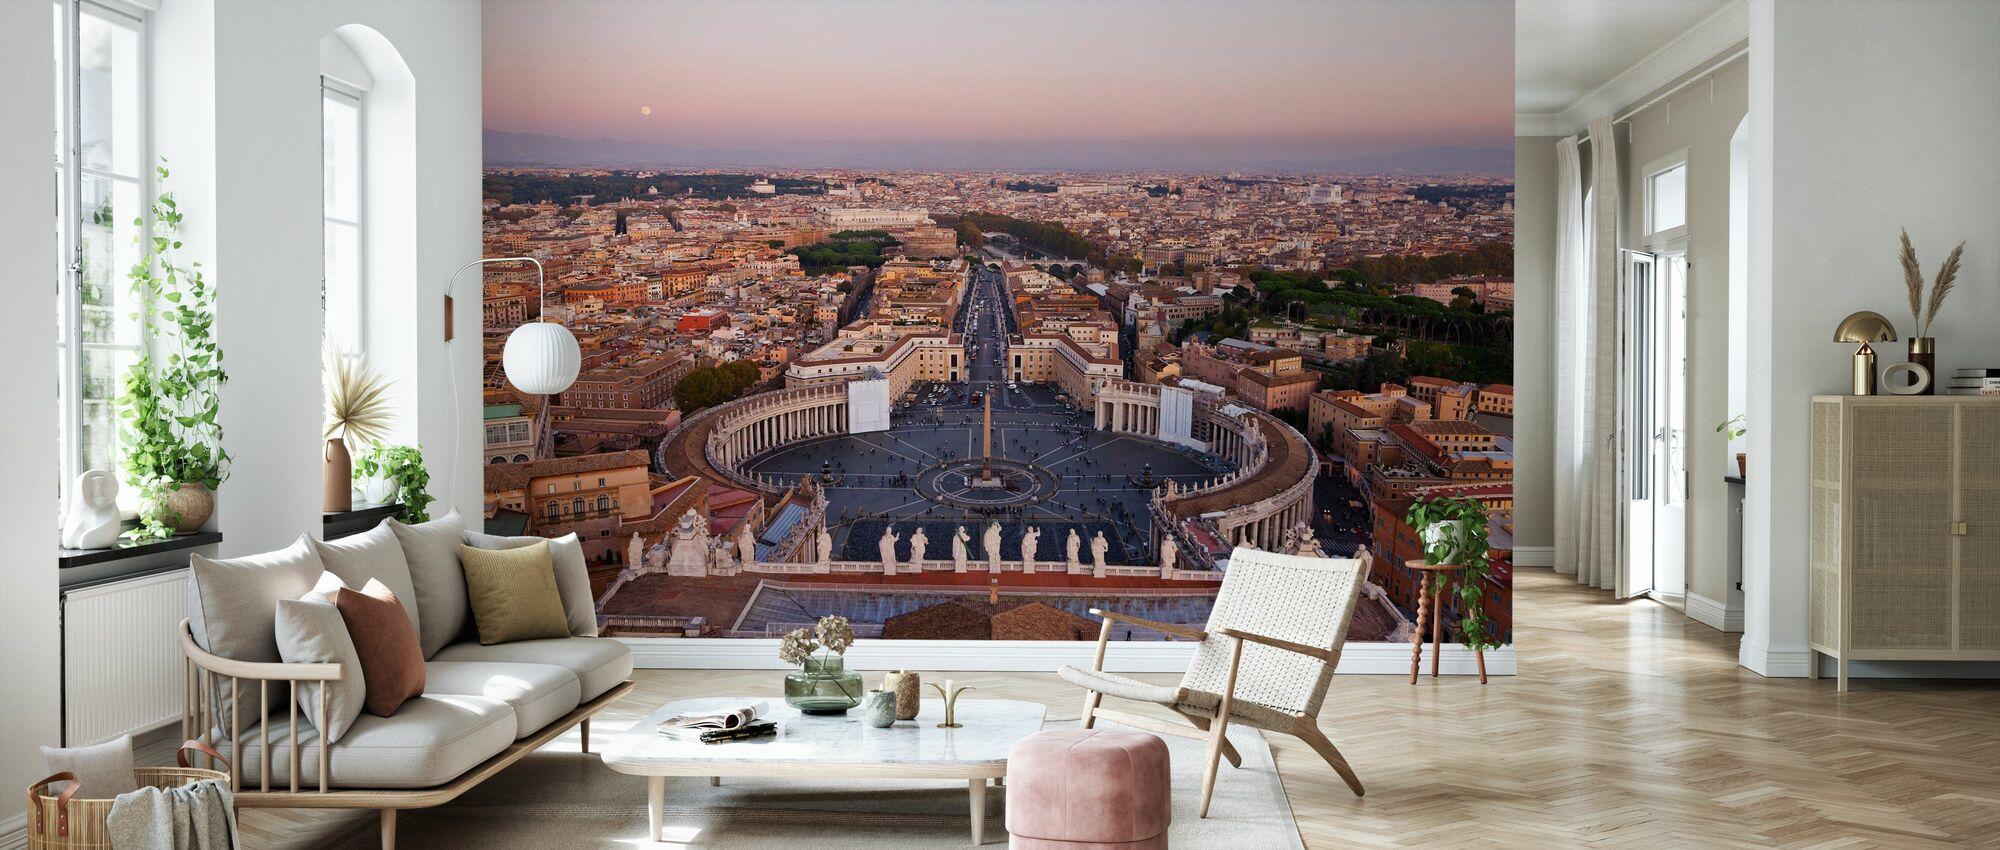 Vatikan, Rom - Tapete - Wohnzimmer